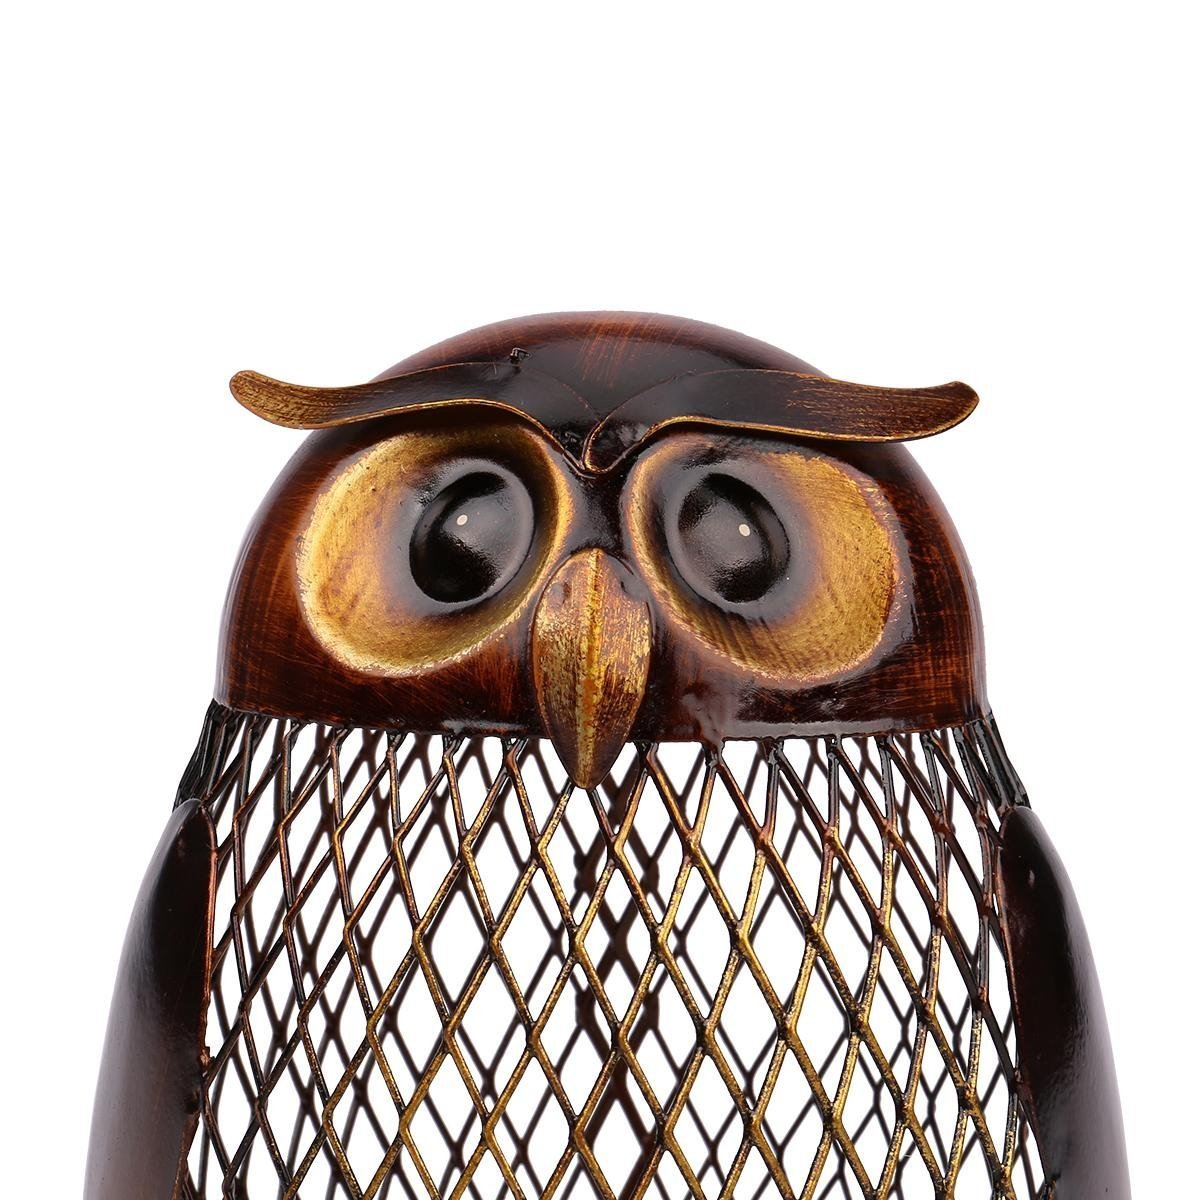 SGerste Tooarts Tirelire en m/étal faite main en forme de hibou confection artisanale